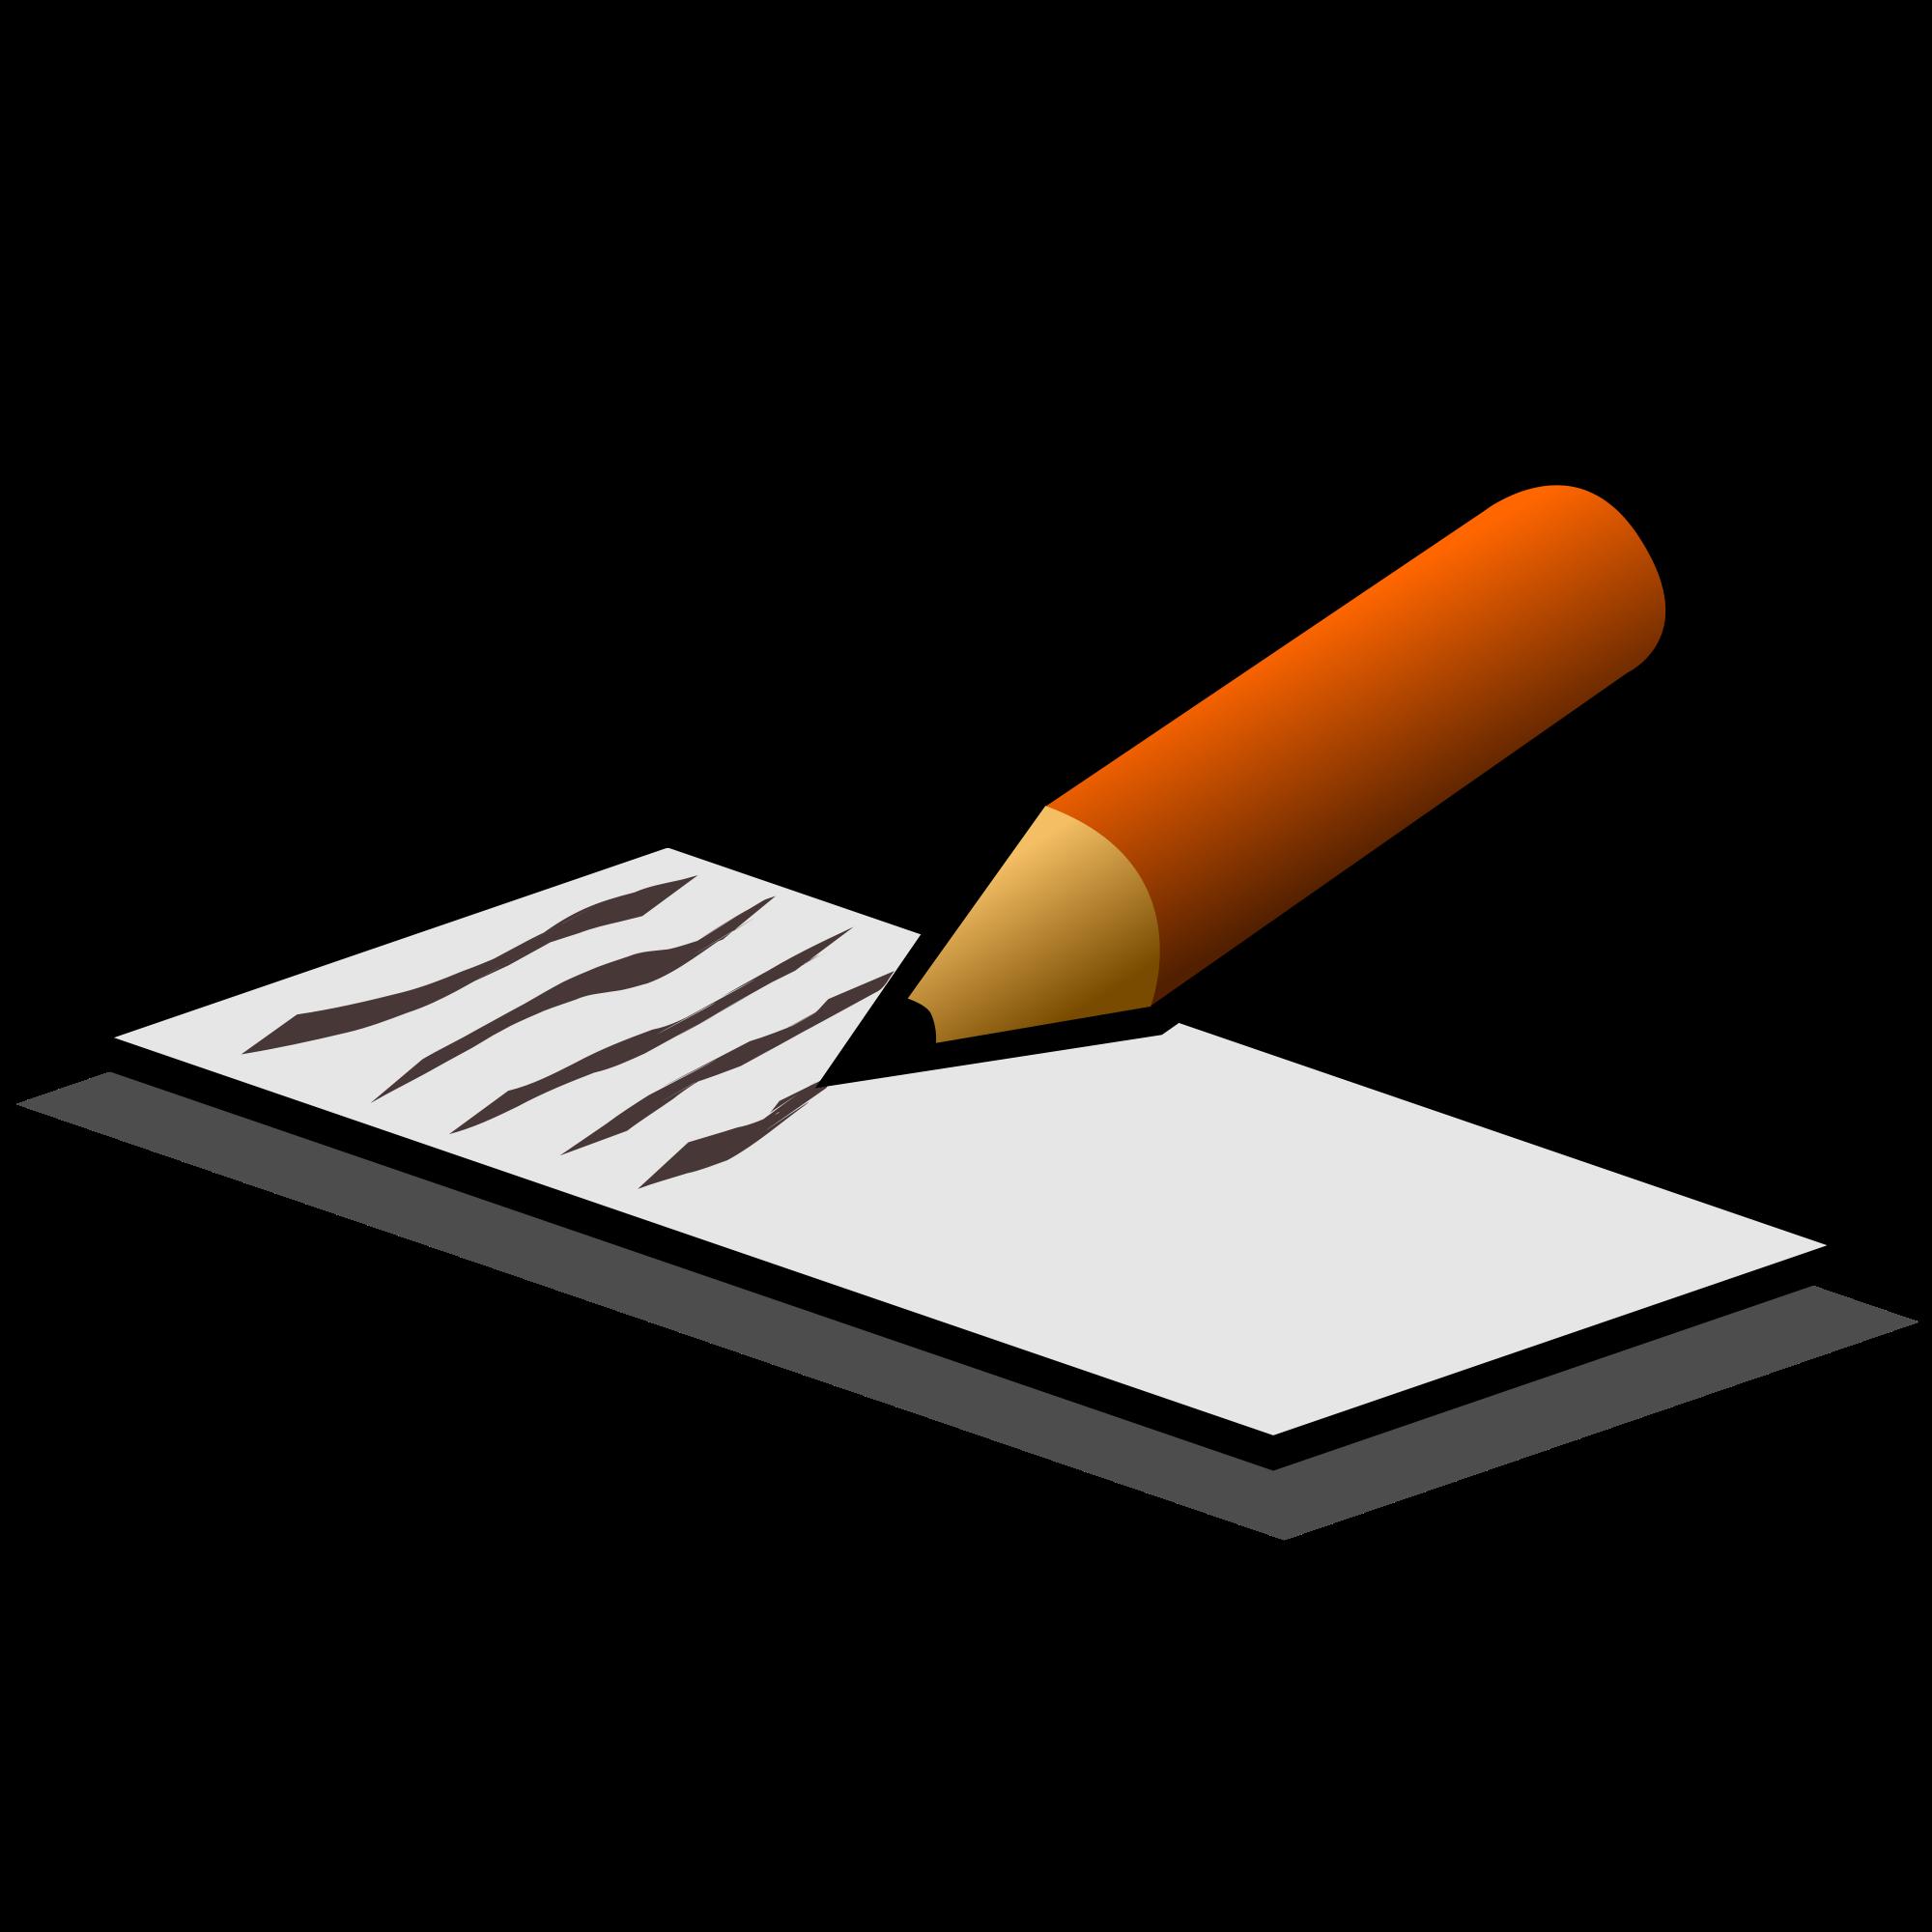 מדריך קידום אתרים חינם - כל מה שצריך לדעת לקראת 2020 28